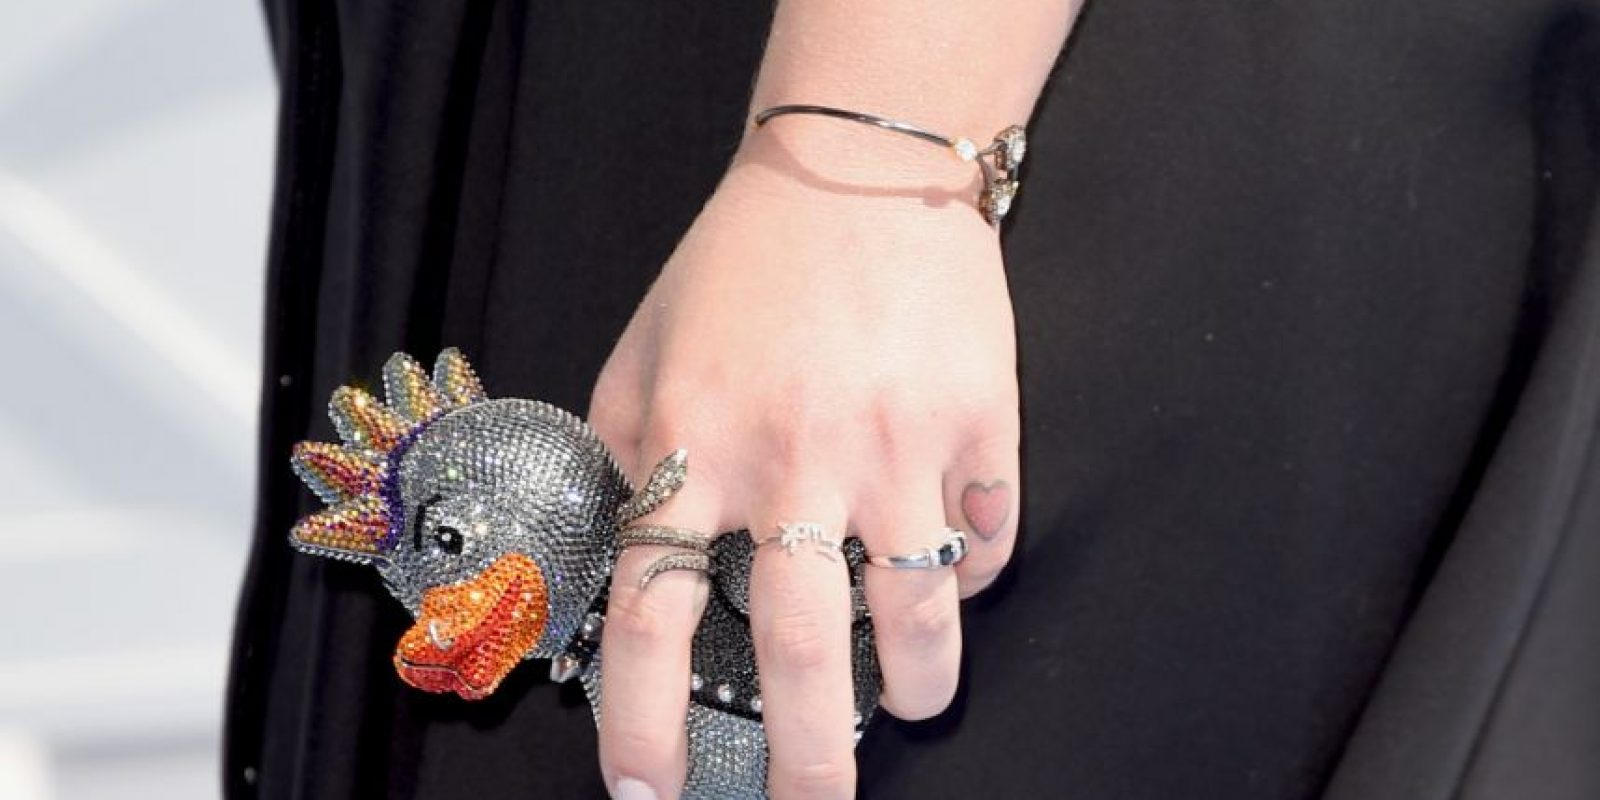 Tal vez su look no sea nada extaño, pero lo extraño es este sospechoso pato. Foto:AFP